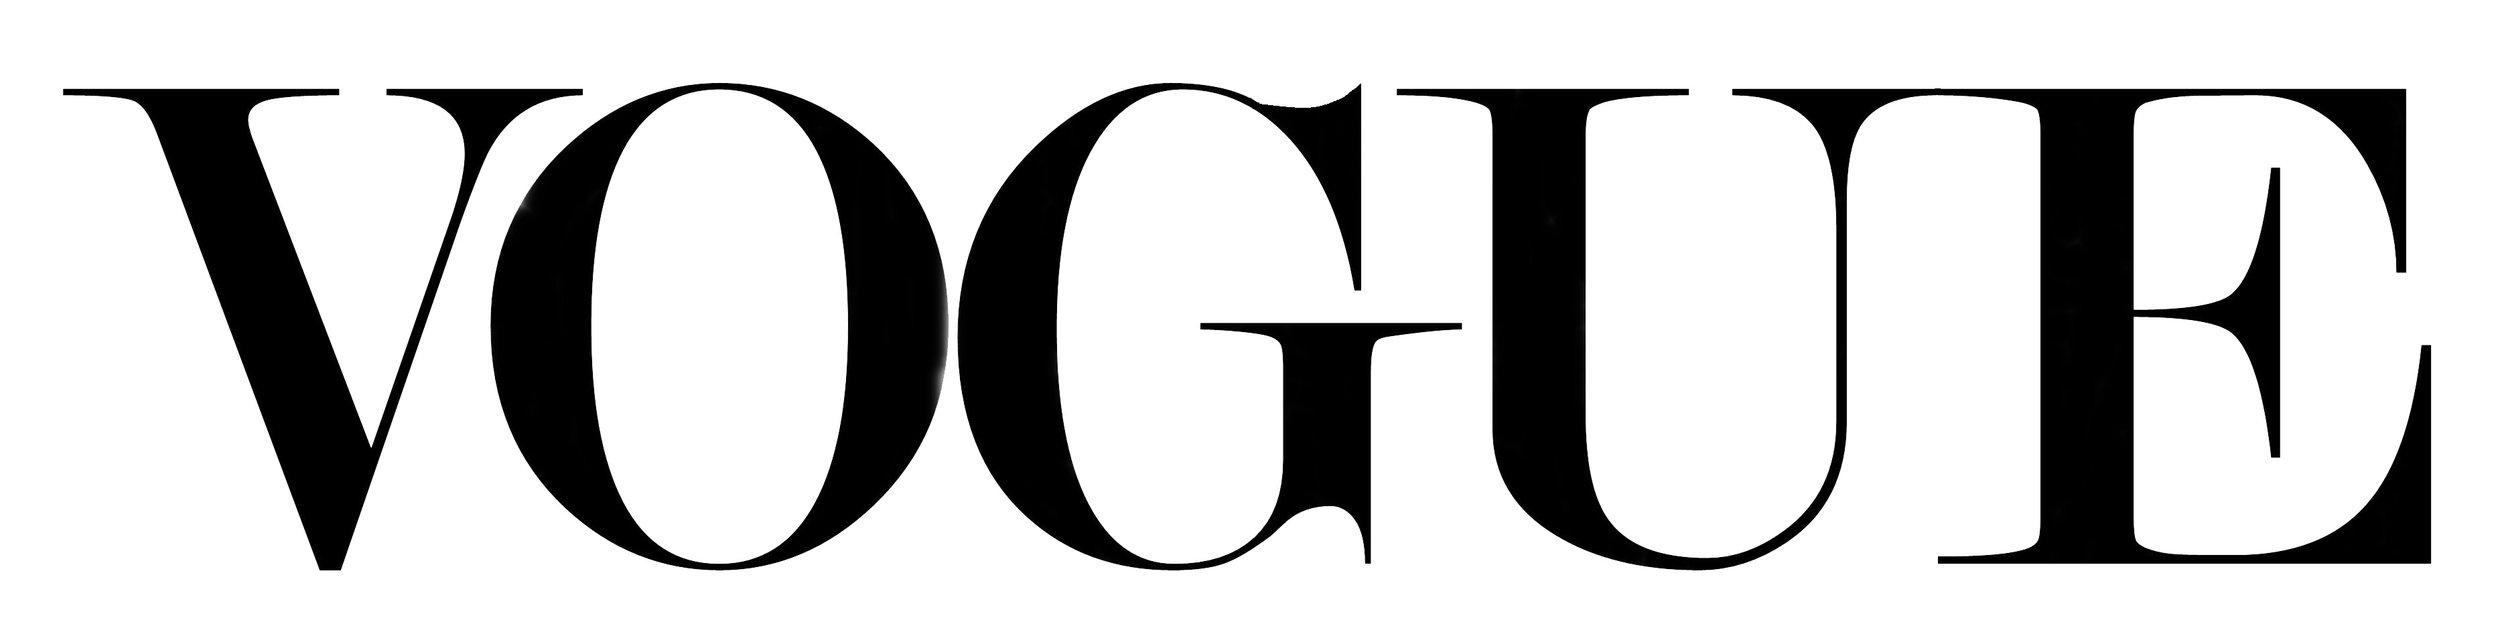 Vogue_logo copy.jpg